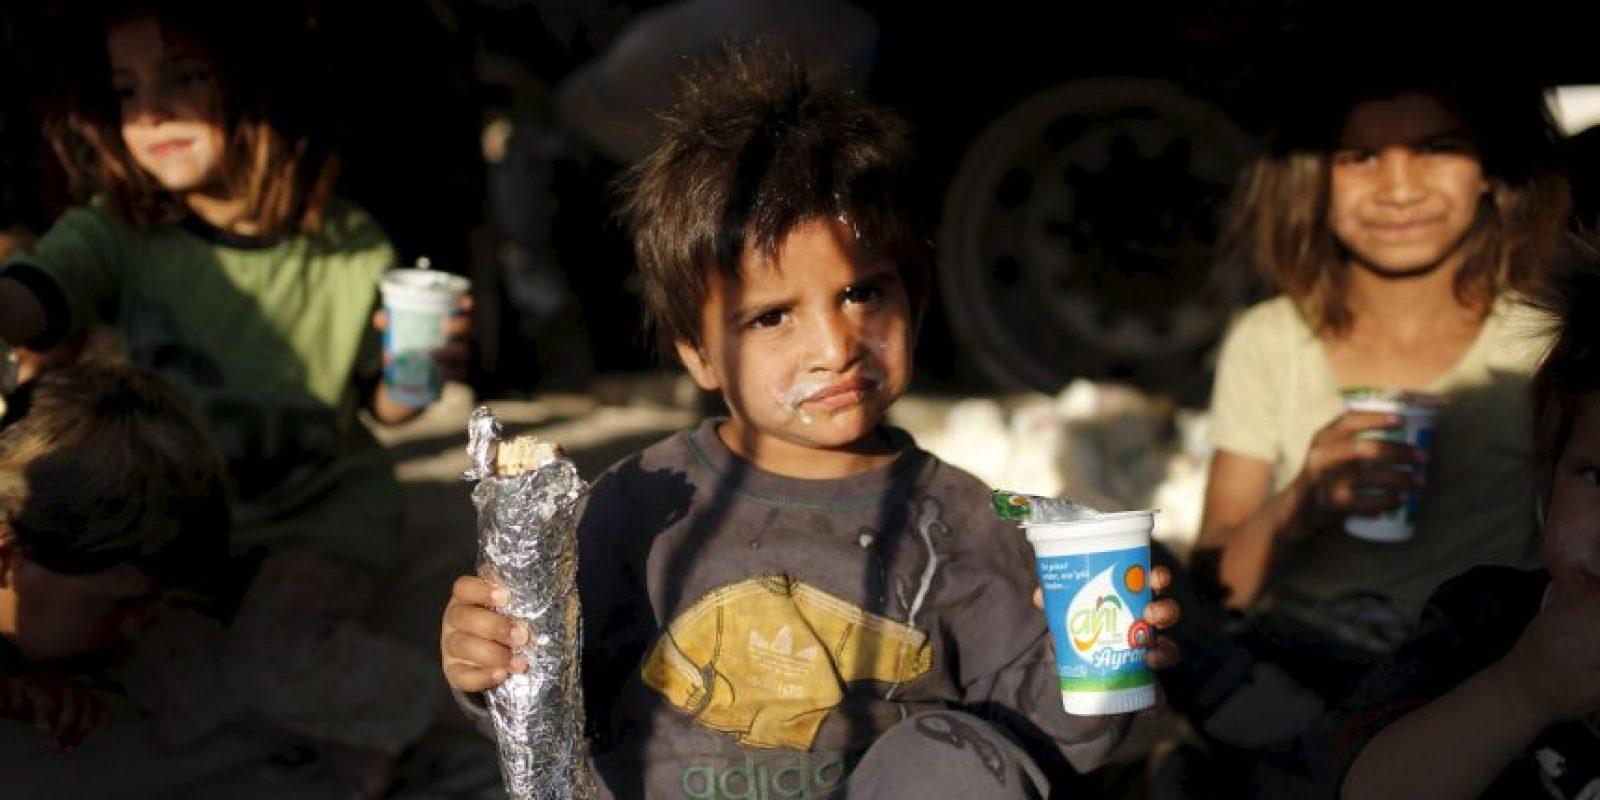 """10. """"Es terrible que, por un lado, cada vez haya más impunidad para aquellos que provocan los conflictos y que, por otro, la comunidad internacional parezca totalmente incapaz de trabajar de manera conjunta para poner fin a las guerras y para construir y preservar la paz"""", opinó el Alto Comisionado de la ACNUR en ese momento. Foto:Getty Images"""